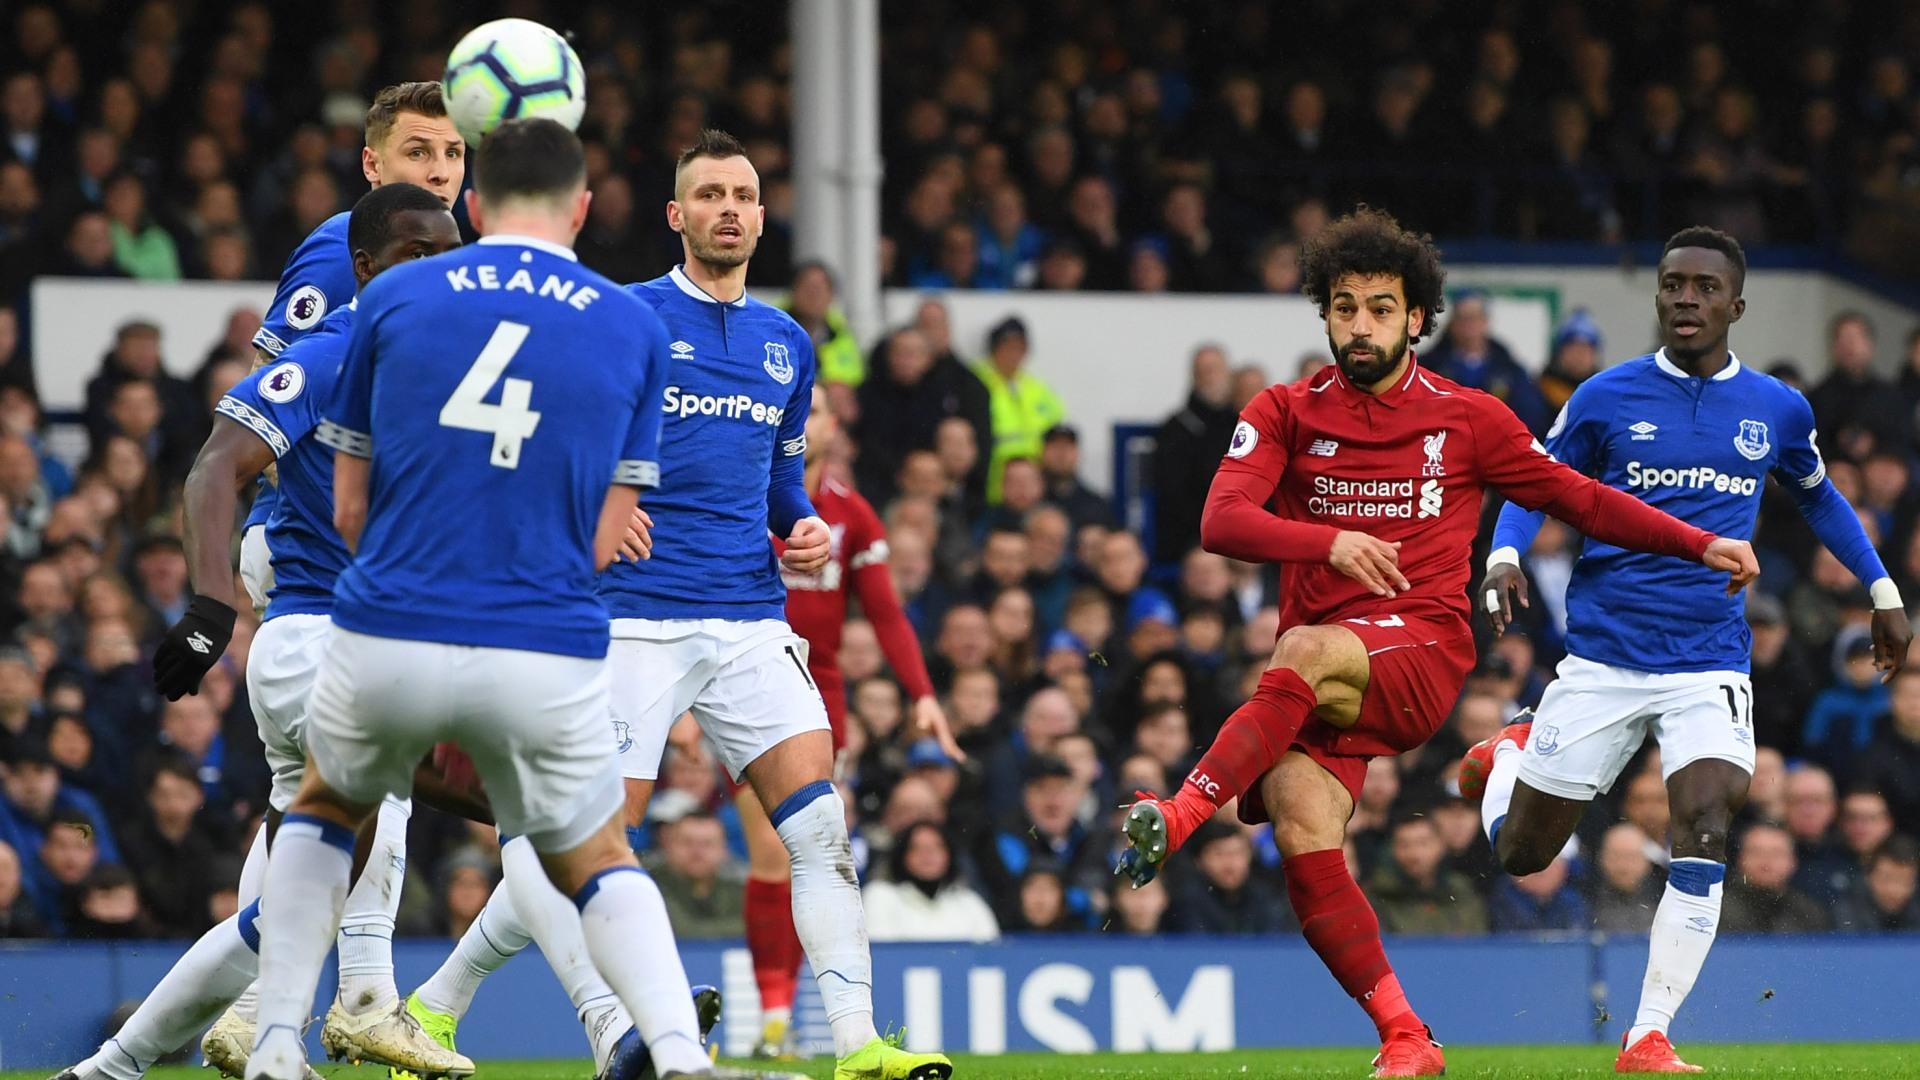 Kết Quả Liverpool 1 0 Everton Sieu Phẩm Của Curtis Jones định đoạt Ket Cục Vong 3 Cup Fa Goal Com